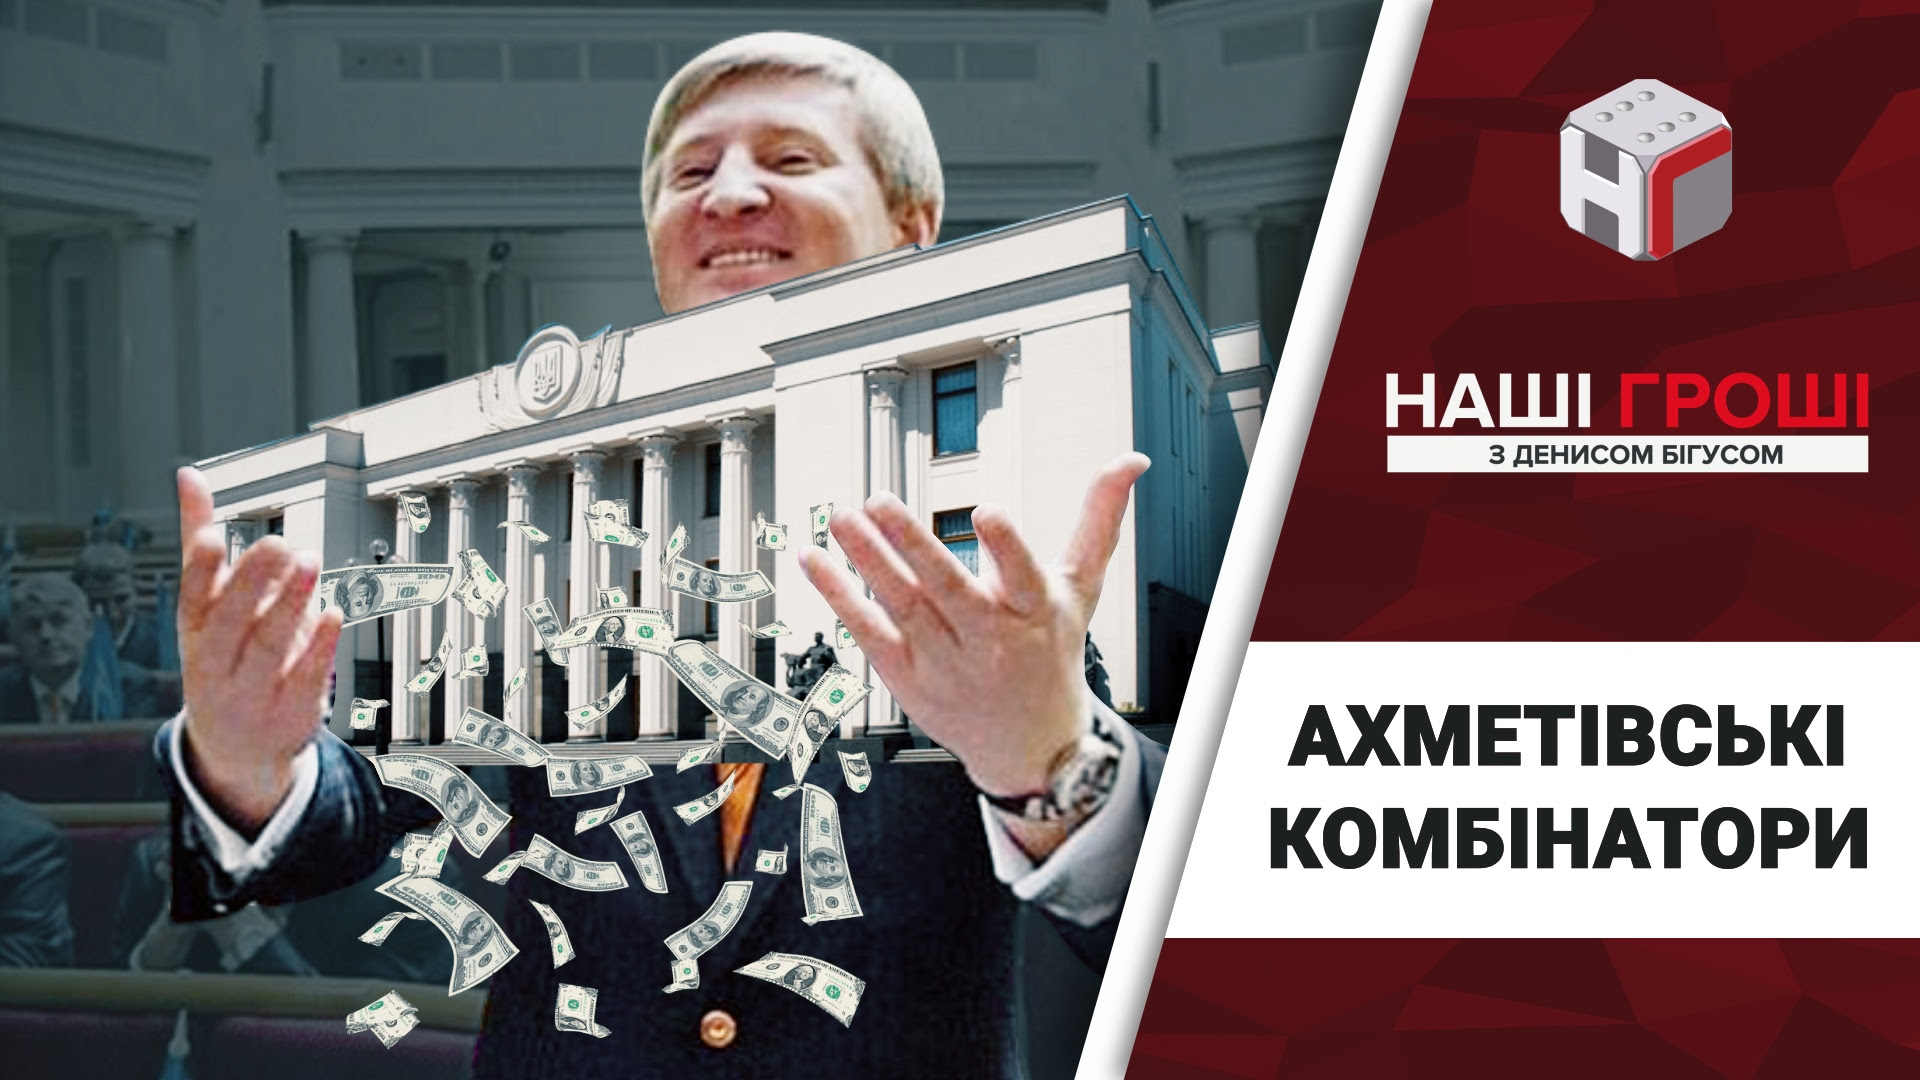 Порошенко подписал закон об усилении ответственности при неуплате алиментов - Цензор.НЕТ 3310